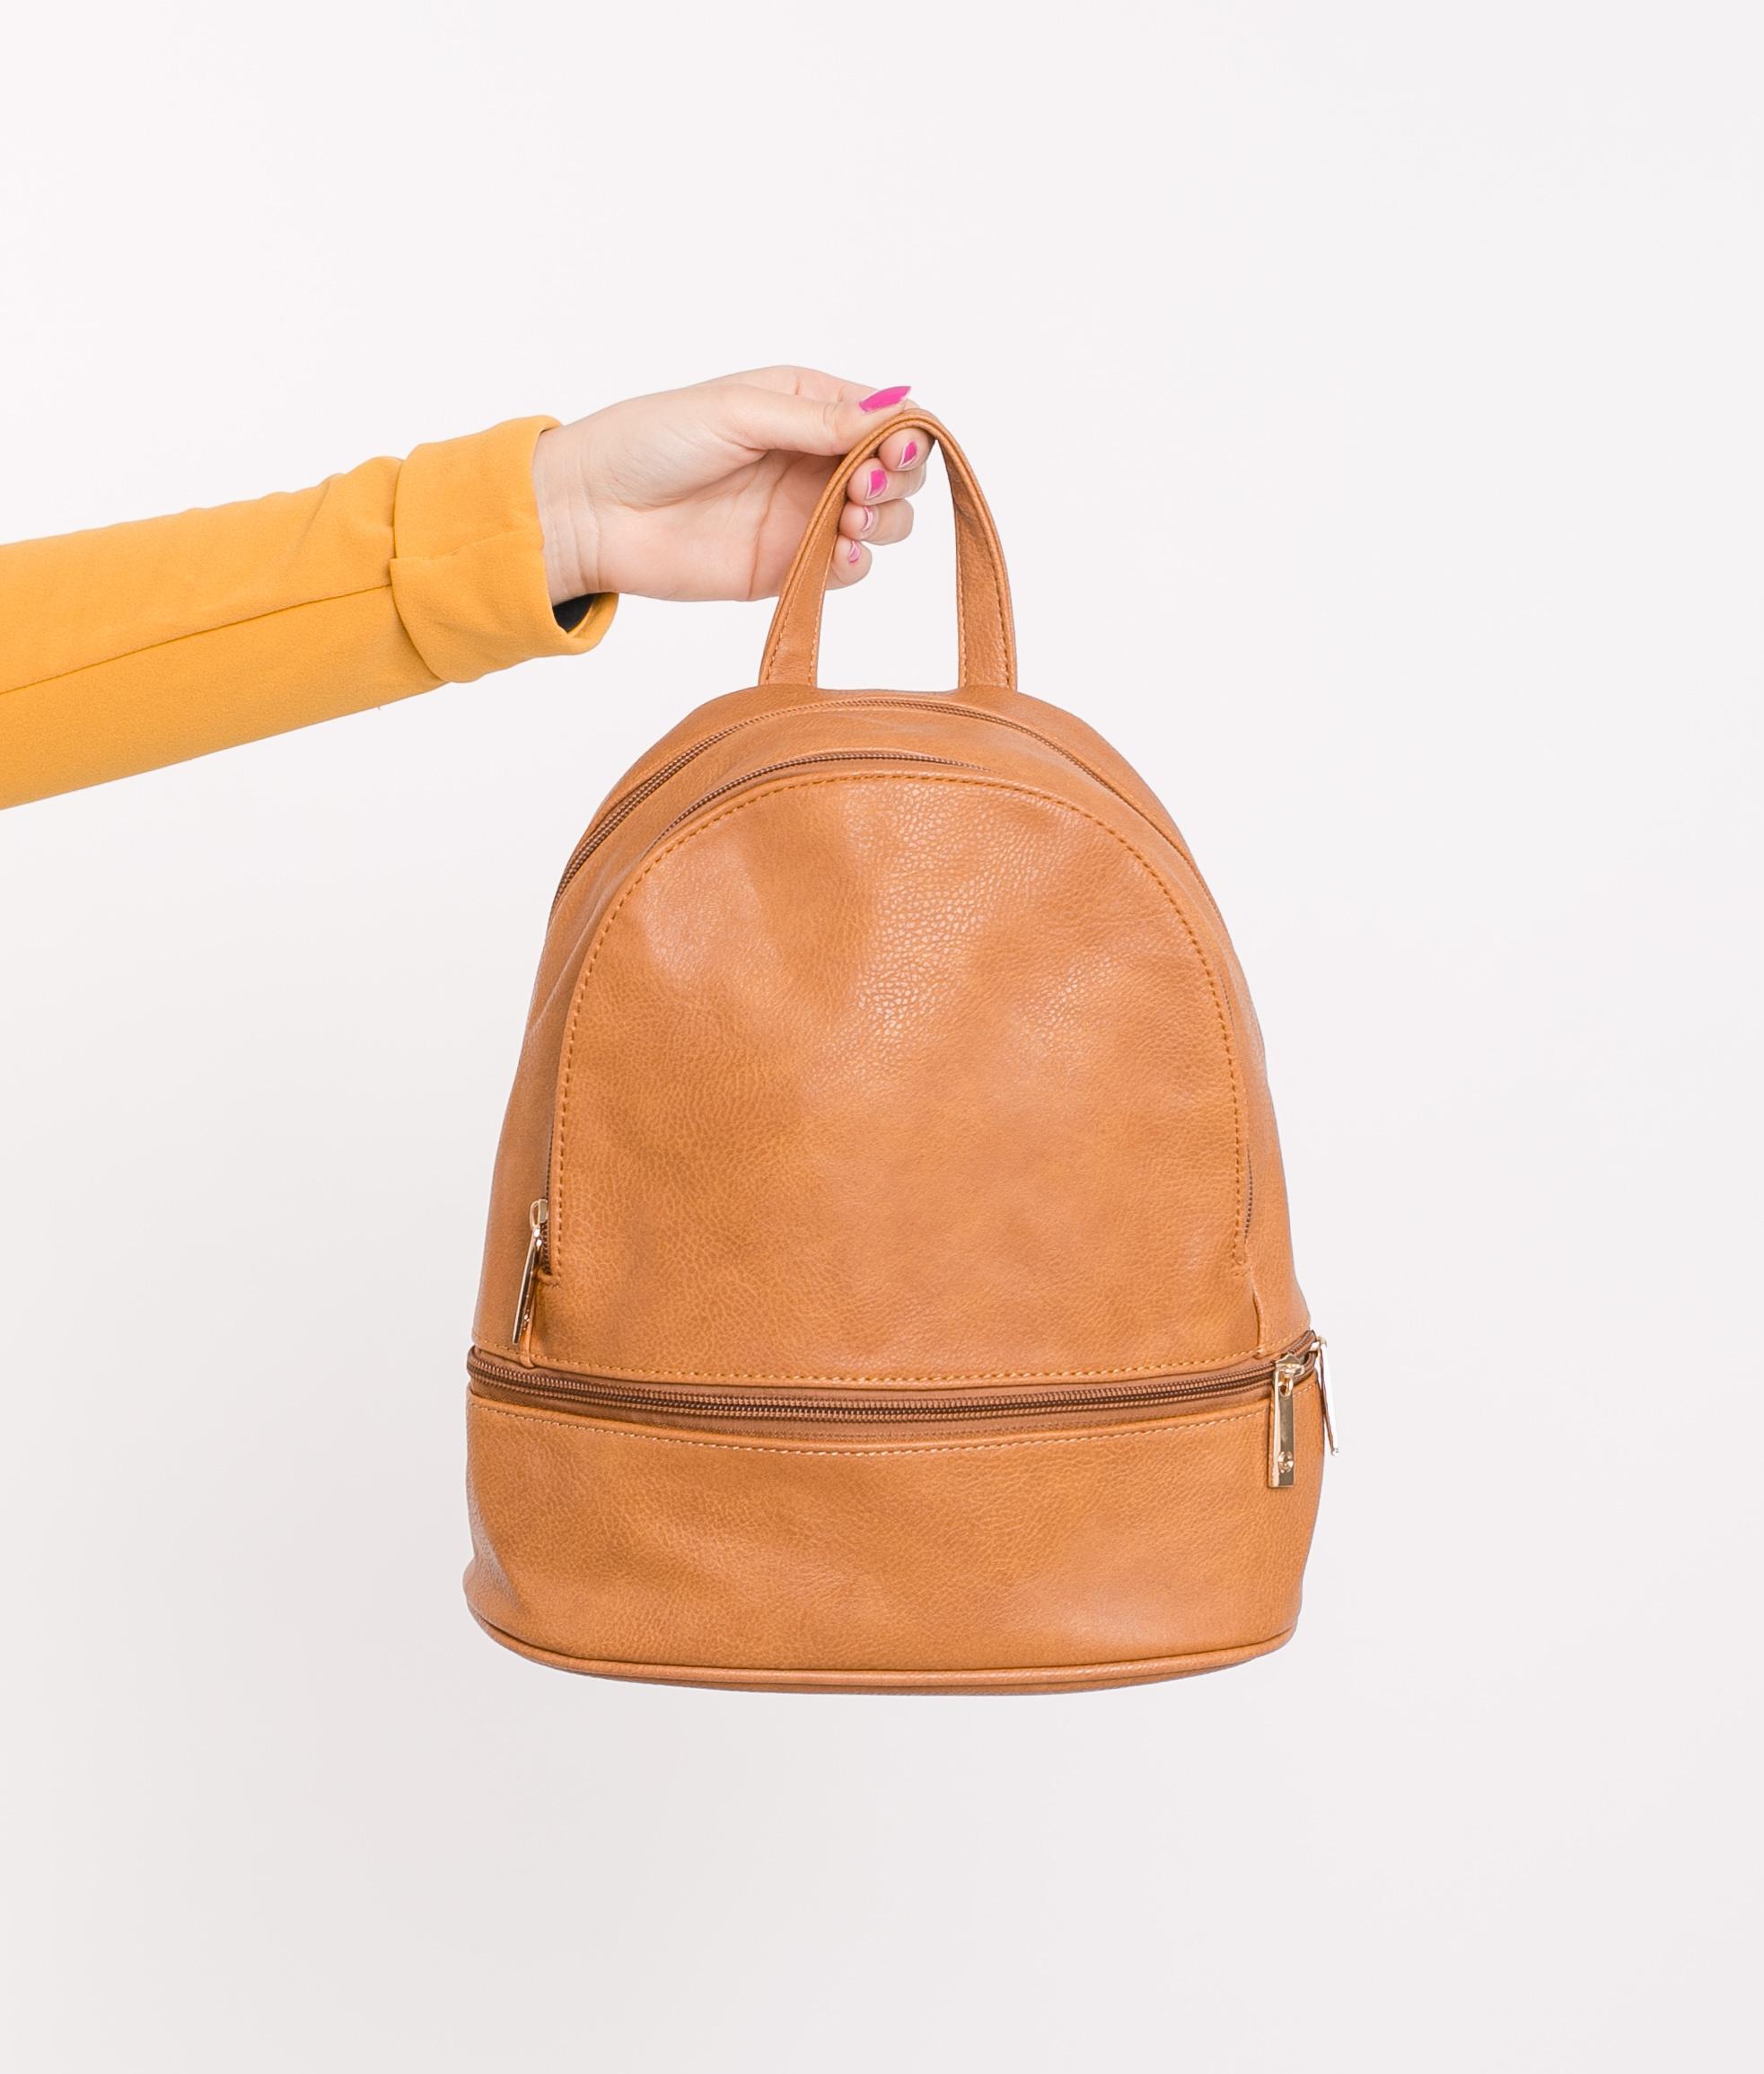 Backpack Zuria - Beige